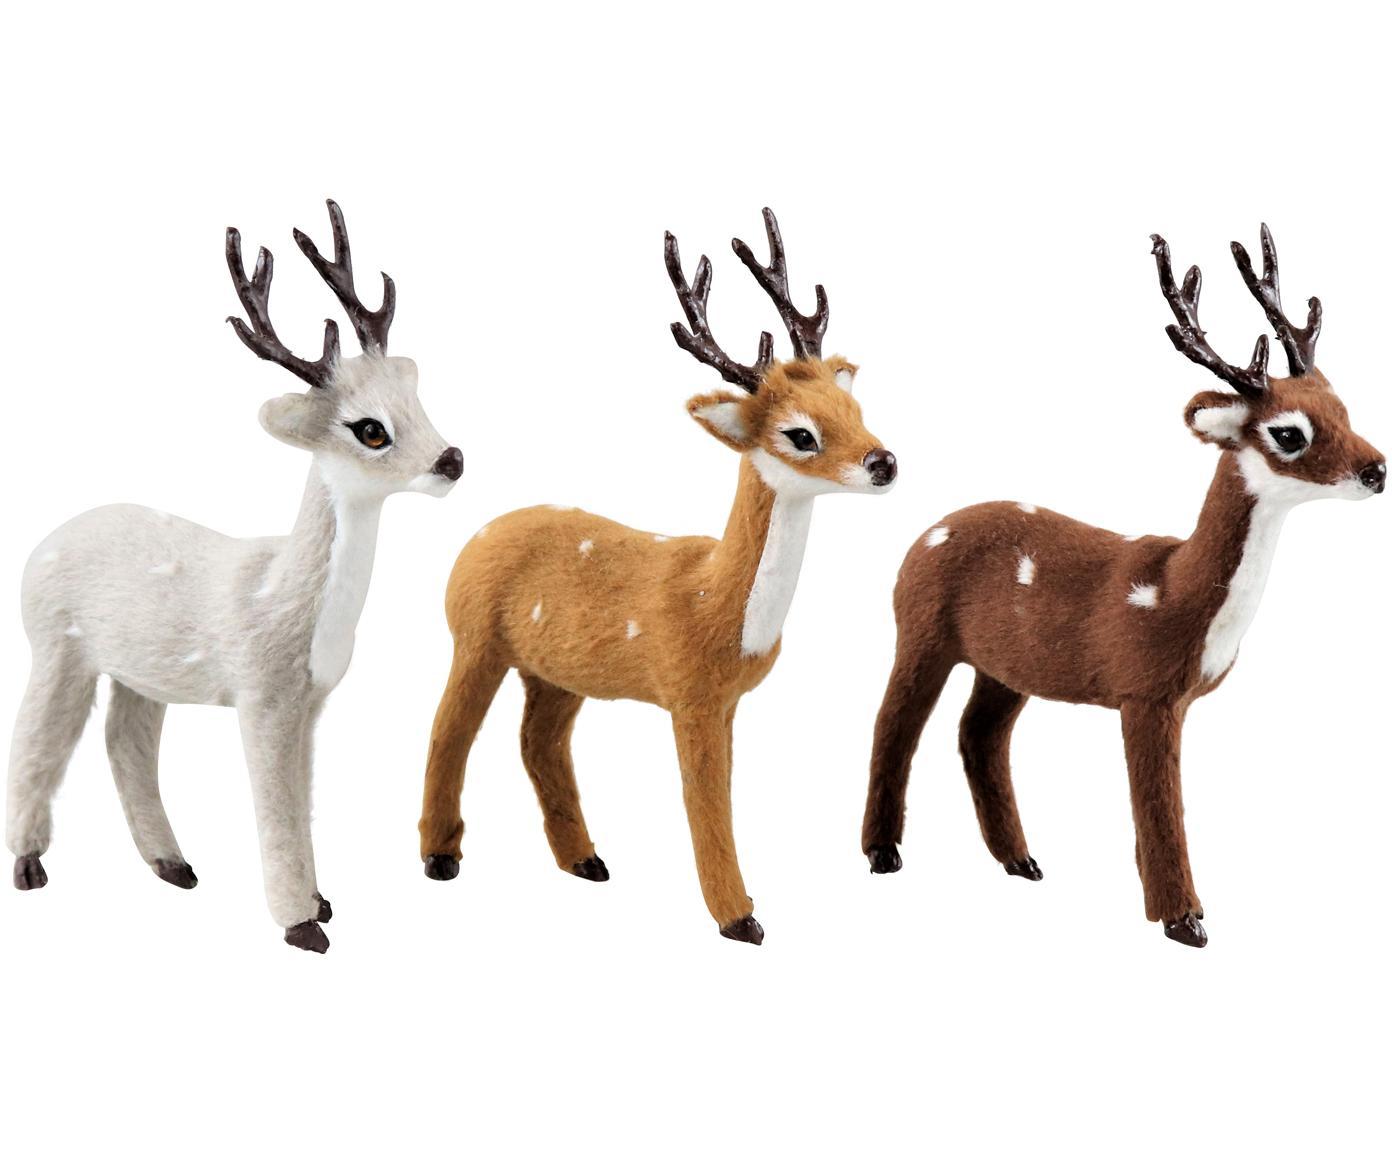 Komplet dekoracji Deer, 3 elem., Żywica organiczna, Brązowy, szary, biały, S 13 x W 13 cm